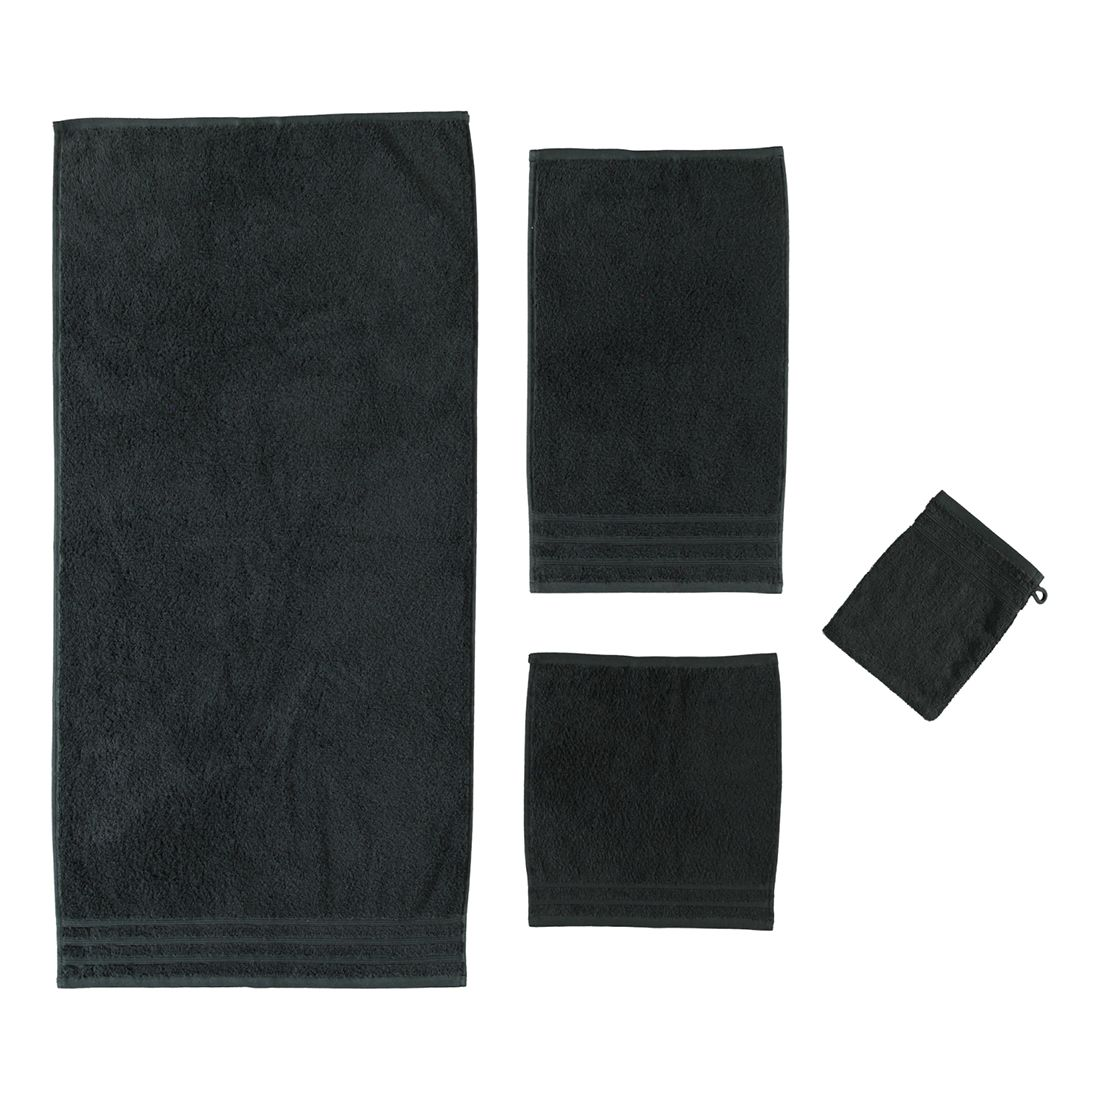 Handtuch Royal – 100% Baumwolle Schwarz – 926 – Handtuch: 50 x 100 cm, Kleine Wolke kaufen